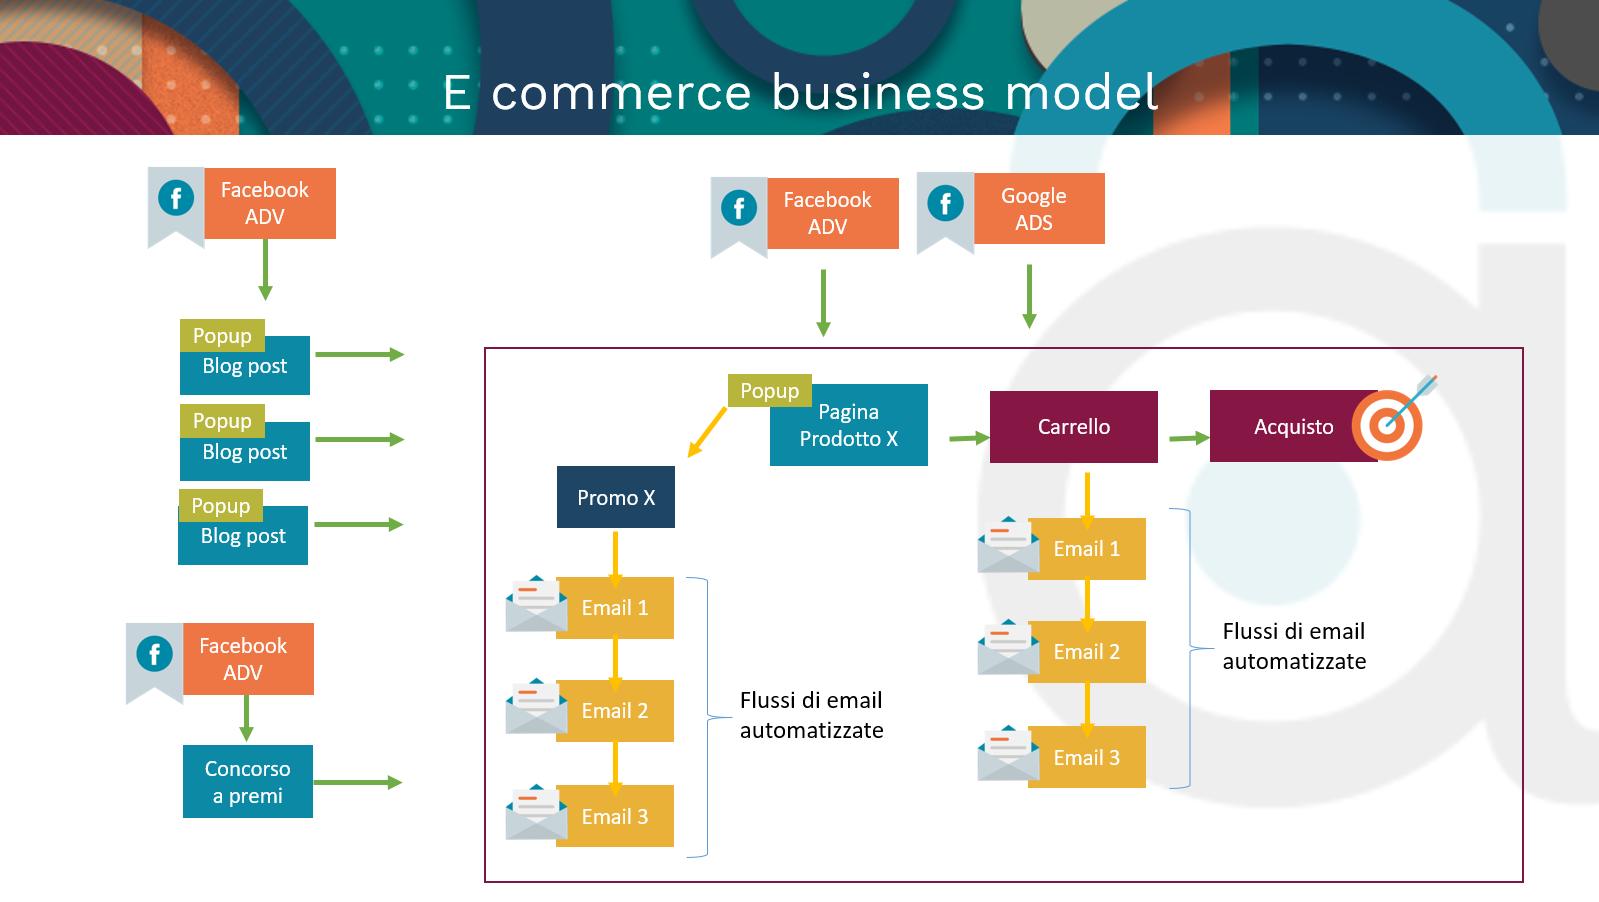 e commerce business model